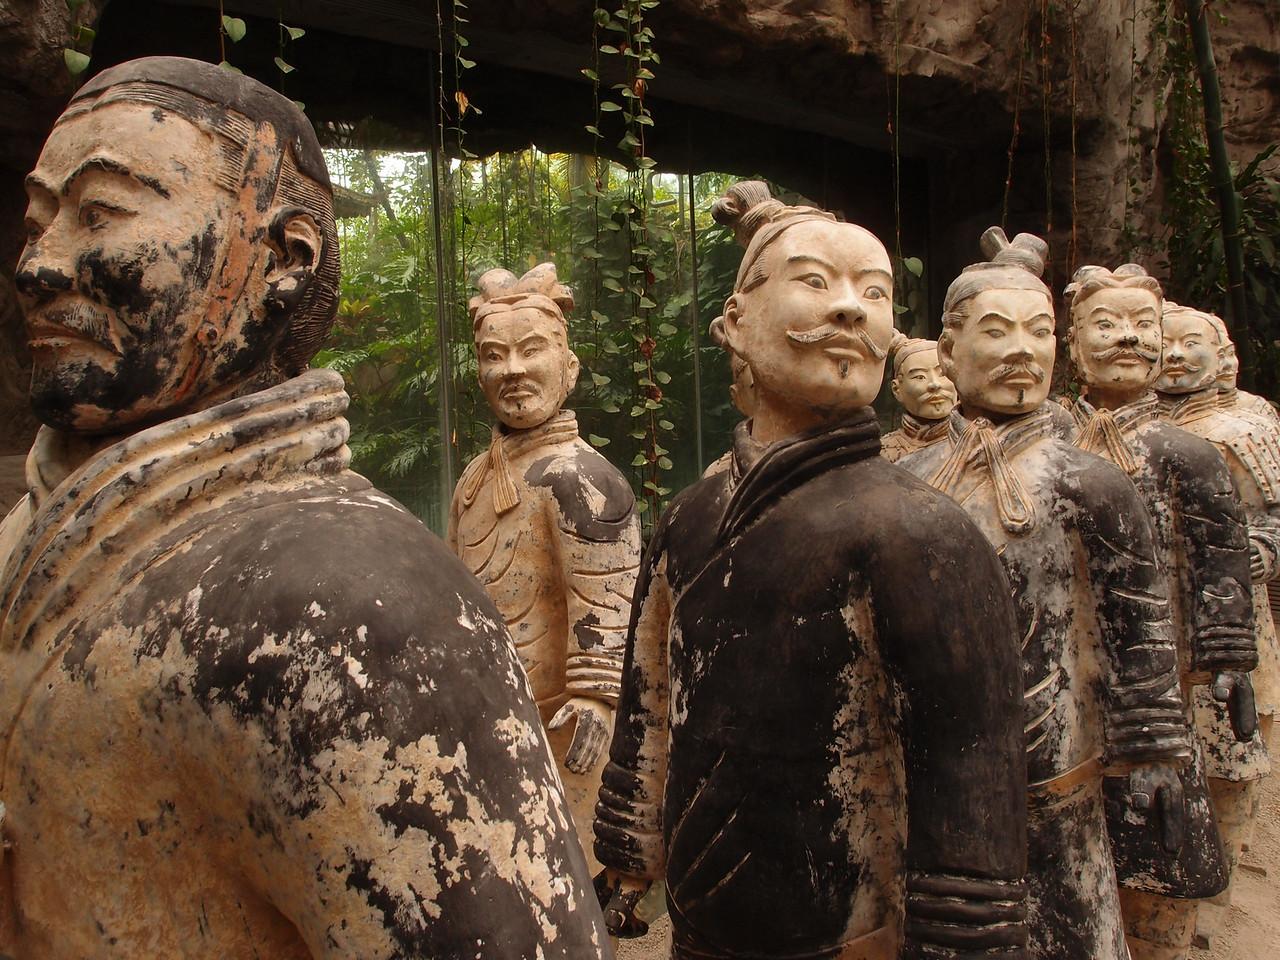 20120513_1444_3425 北京植物园, inside the greenhouse (no, not originals)